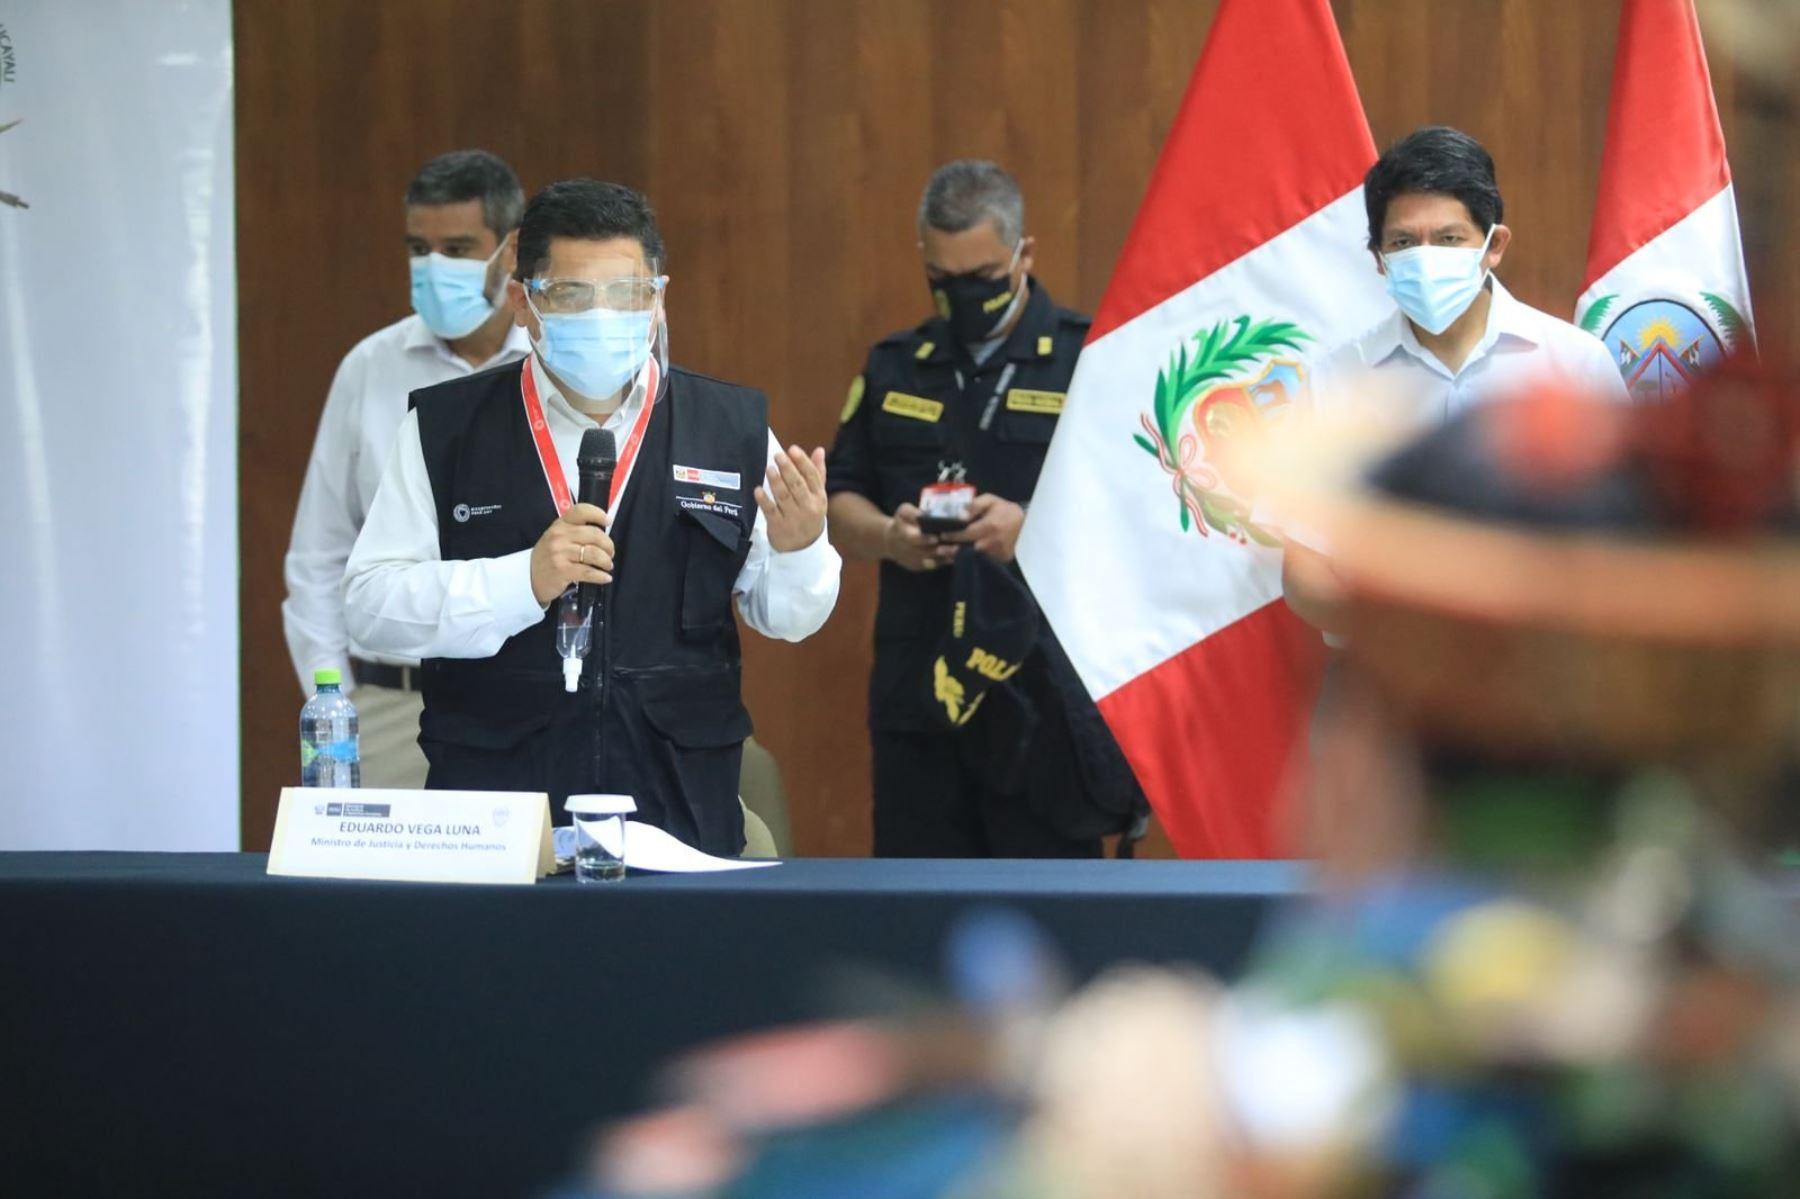 Ministro de Justicia y Derechos Humanos, Eduardo Vega, participa con organizaciones indígenas en marco de la implementación del mecanismo intersectorial para la protección de las personas defensoras de DD.HH. Foto: ANDINA/Minjusdh